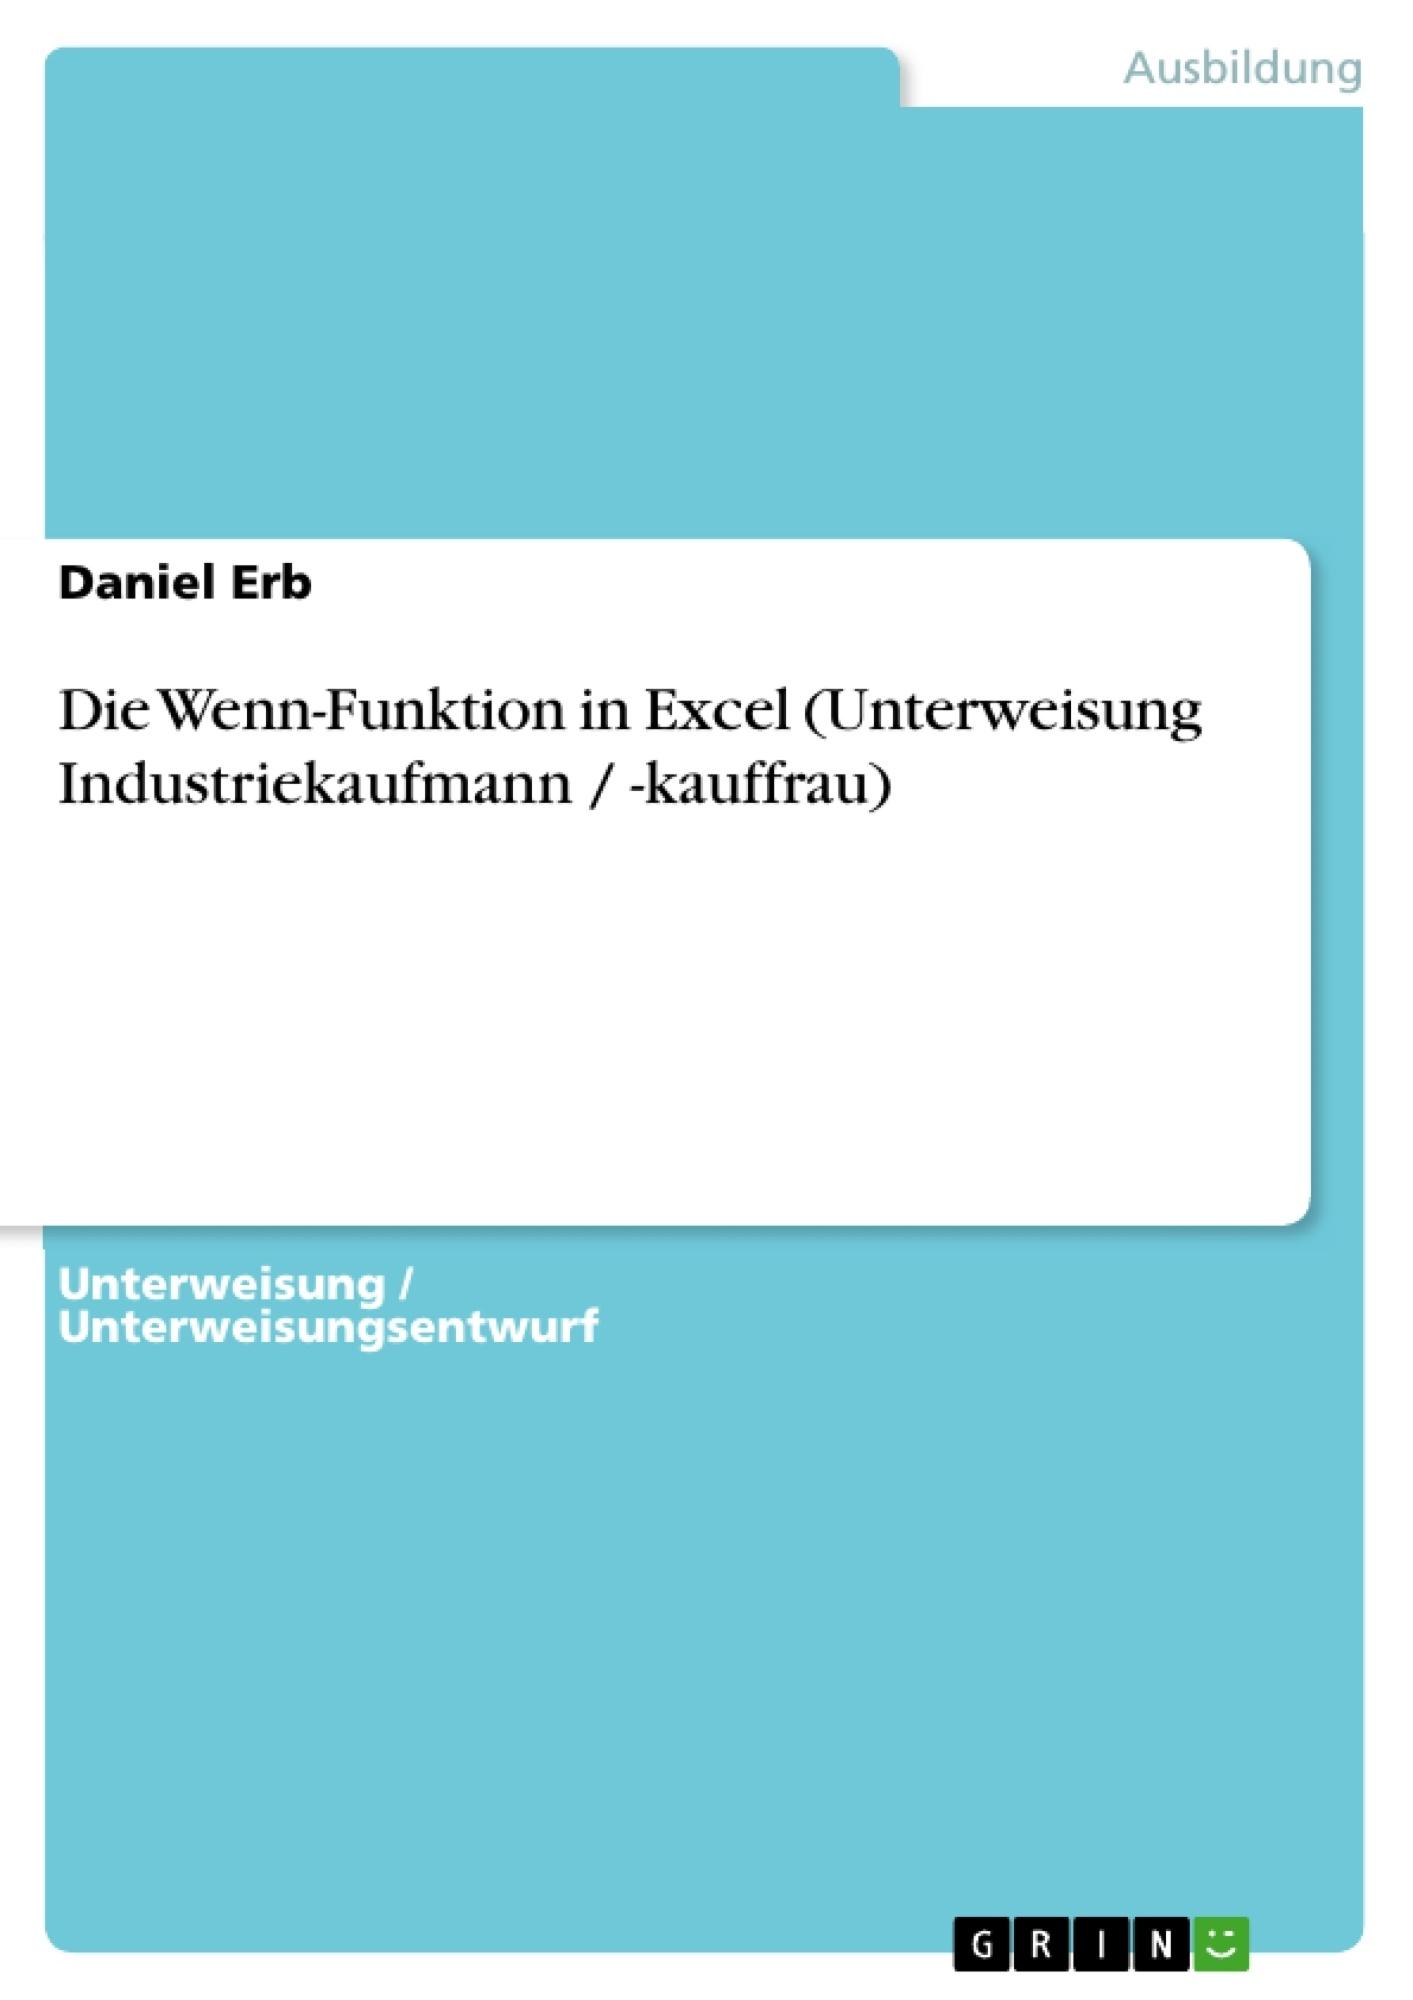 Titel: Die Wenn-Funktion in Excel (Unterweisung Industriekaufmann / -kauffrau)